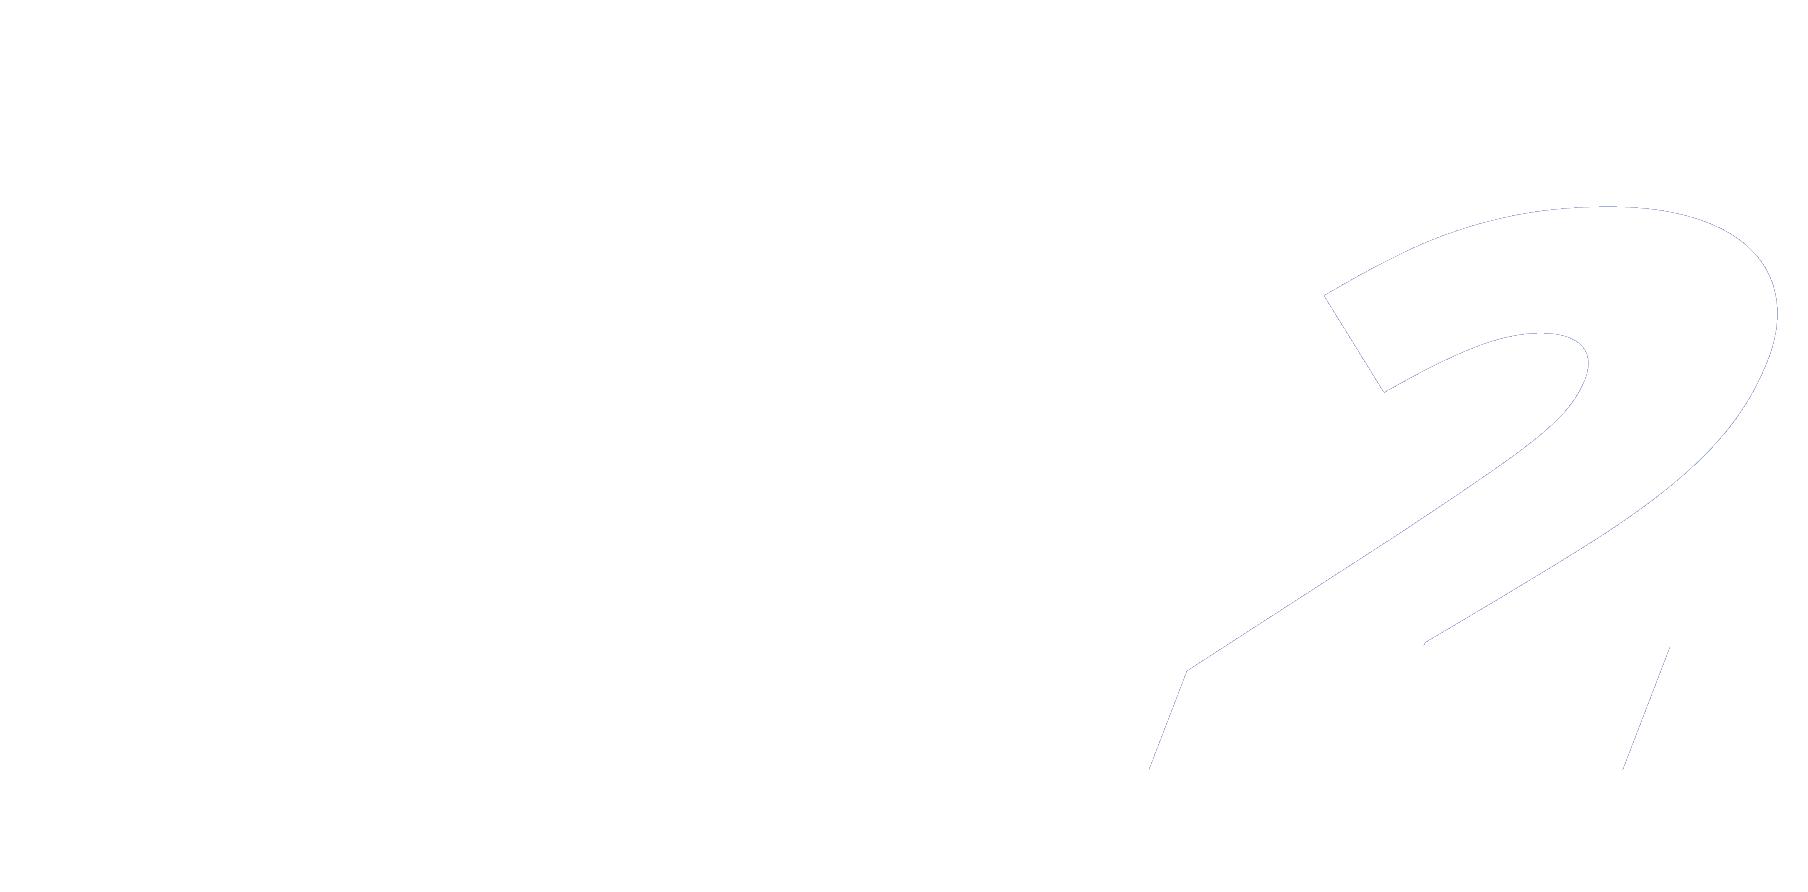 AV2 (2019) white logo